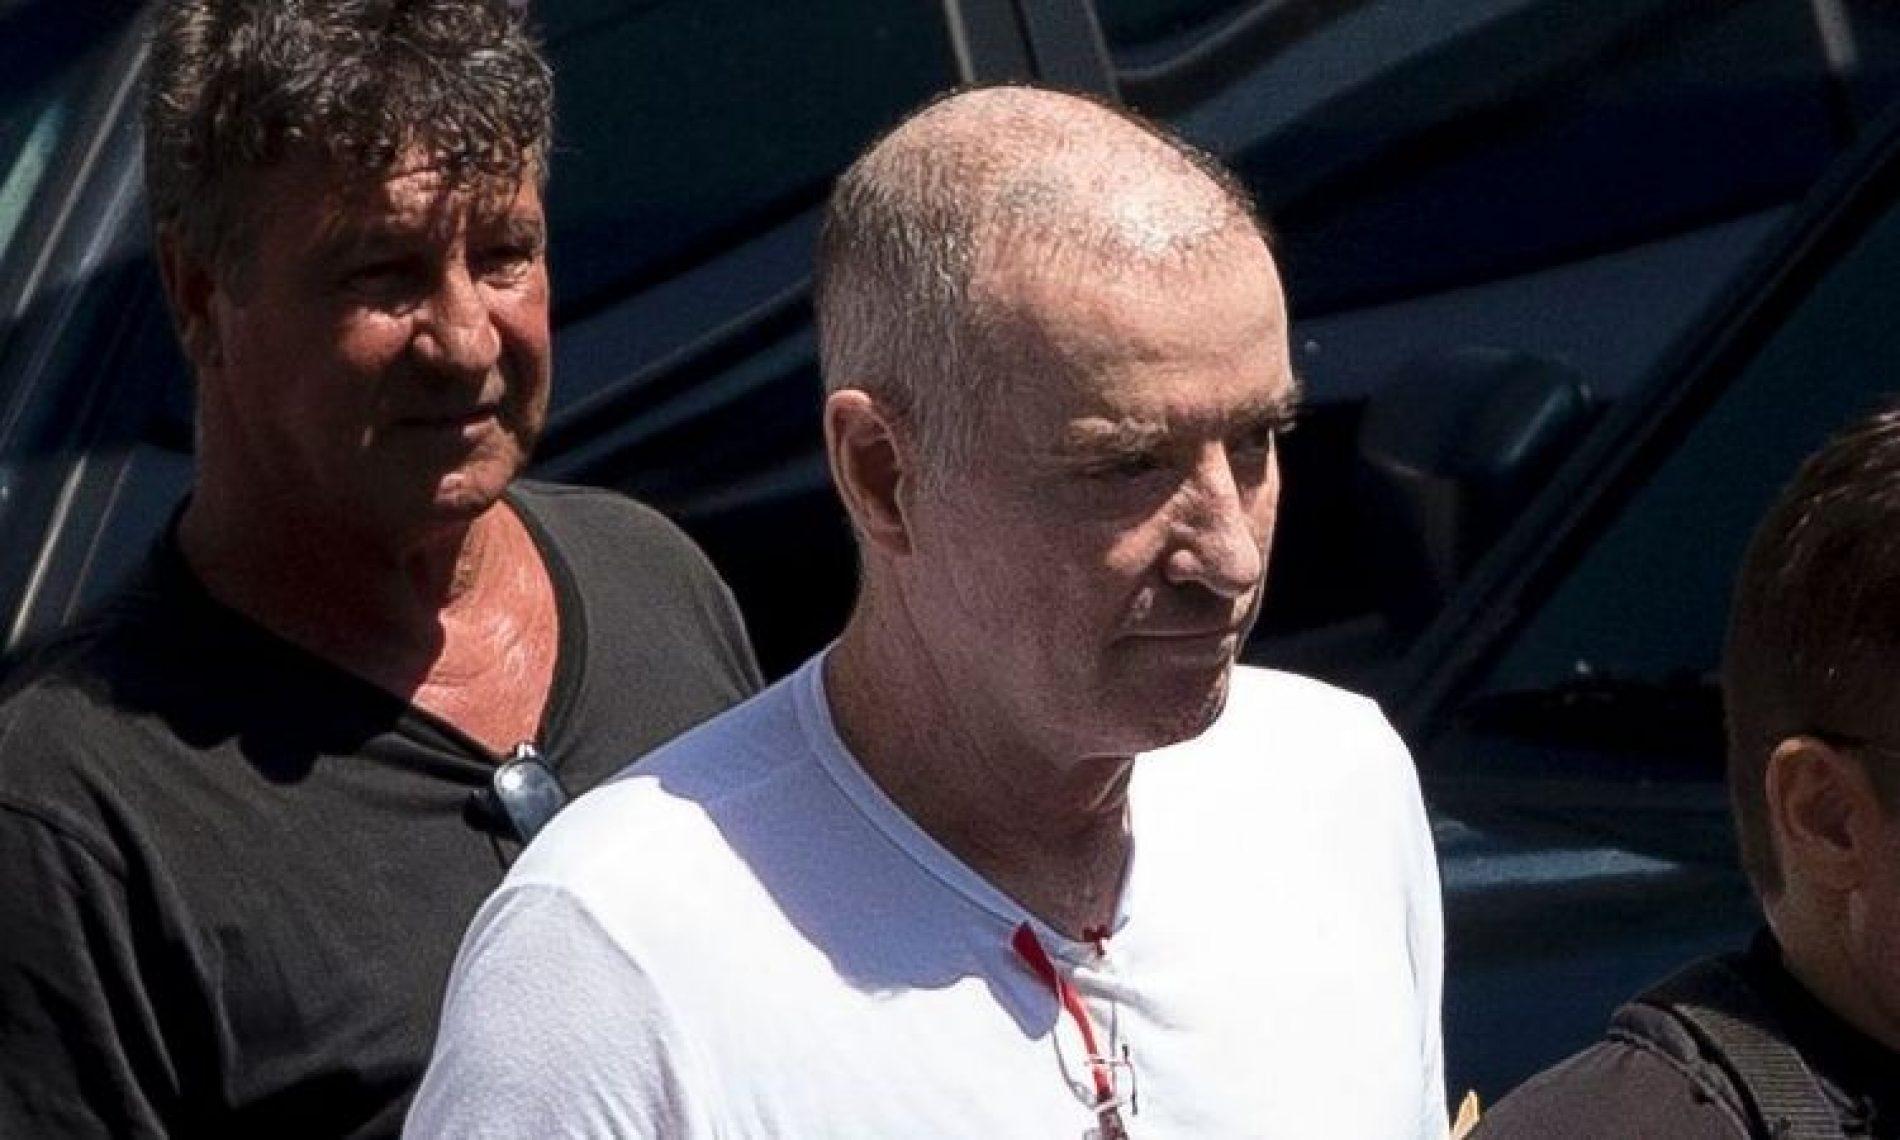 STJ decide que Eike retorne à prisão, mas liminar do STF garante liberdade